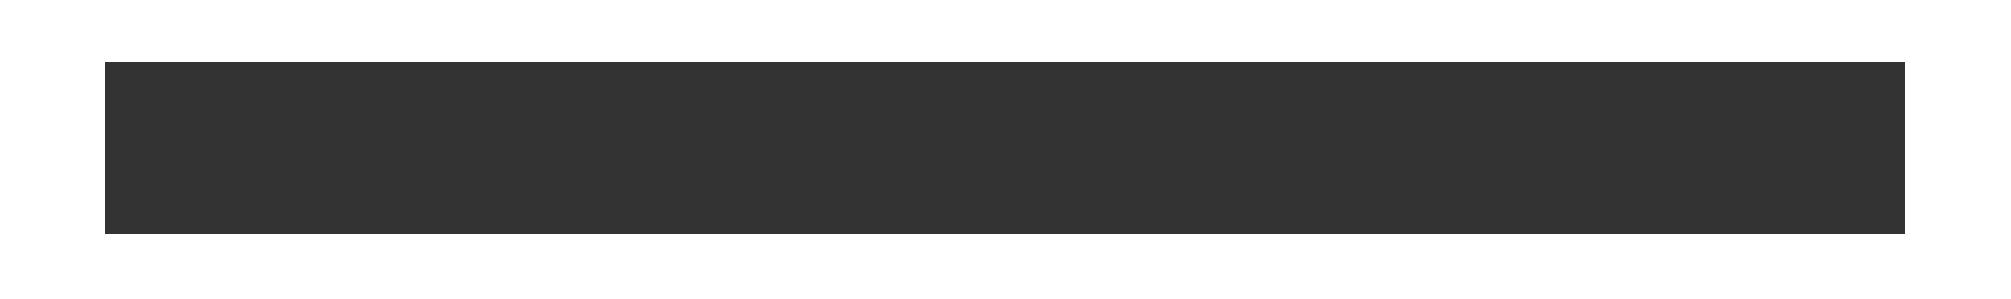 Bahiadesigns logo